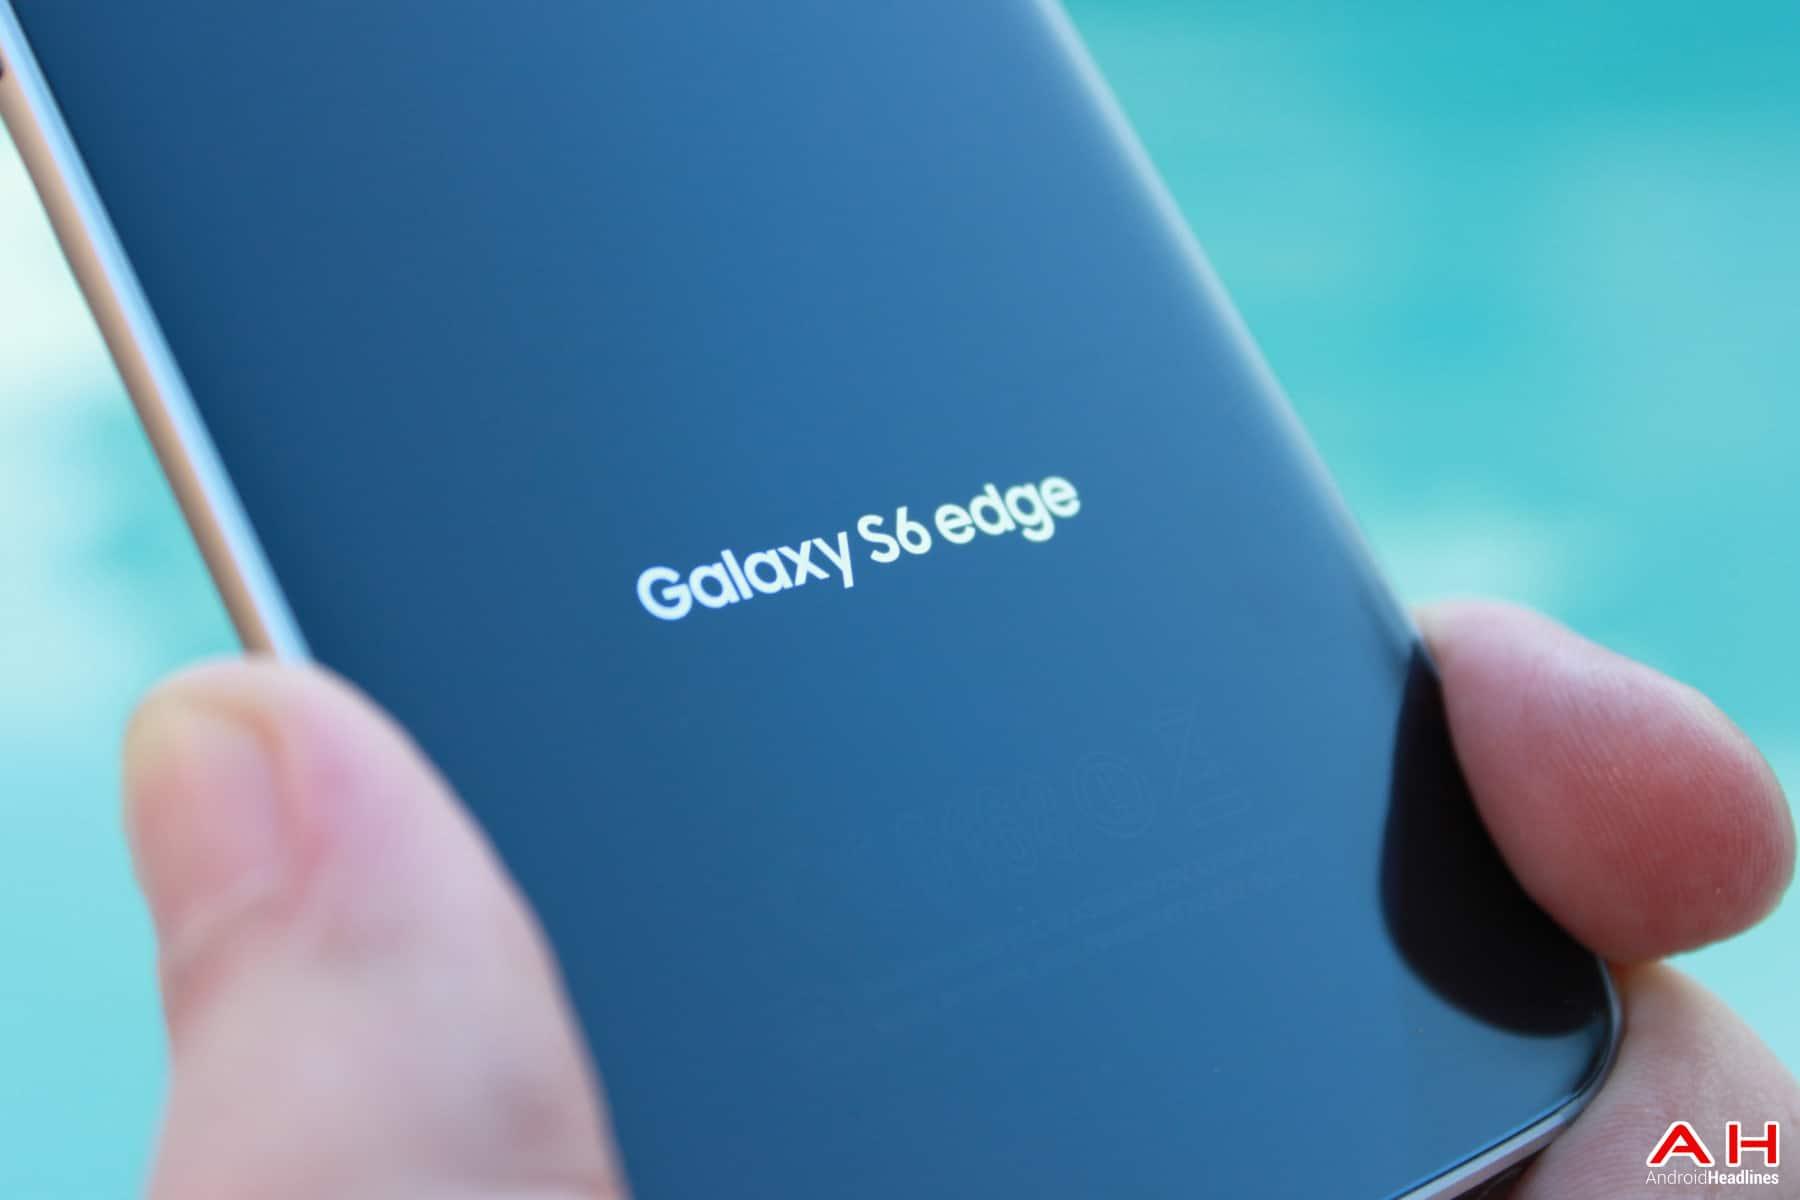 AH Samsung Galaxy S6 Edge Series 4 June 30th-32